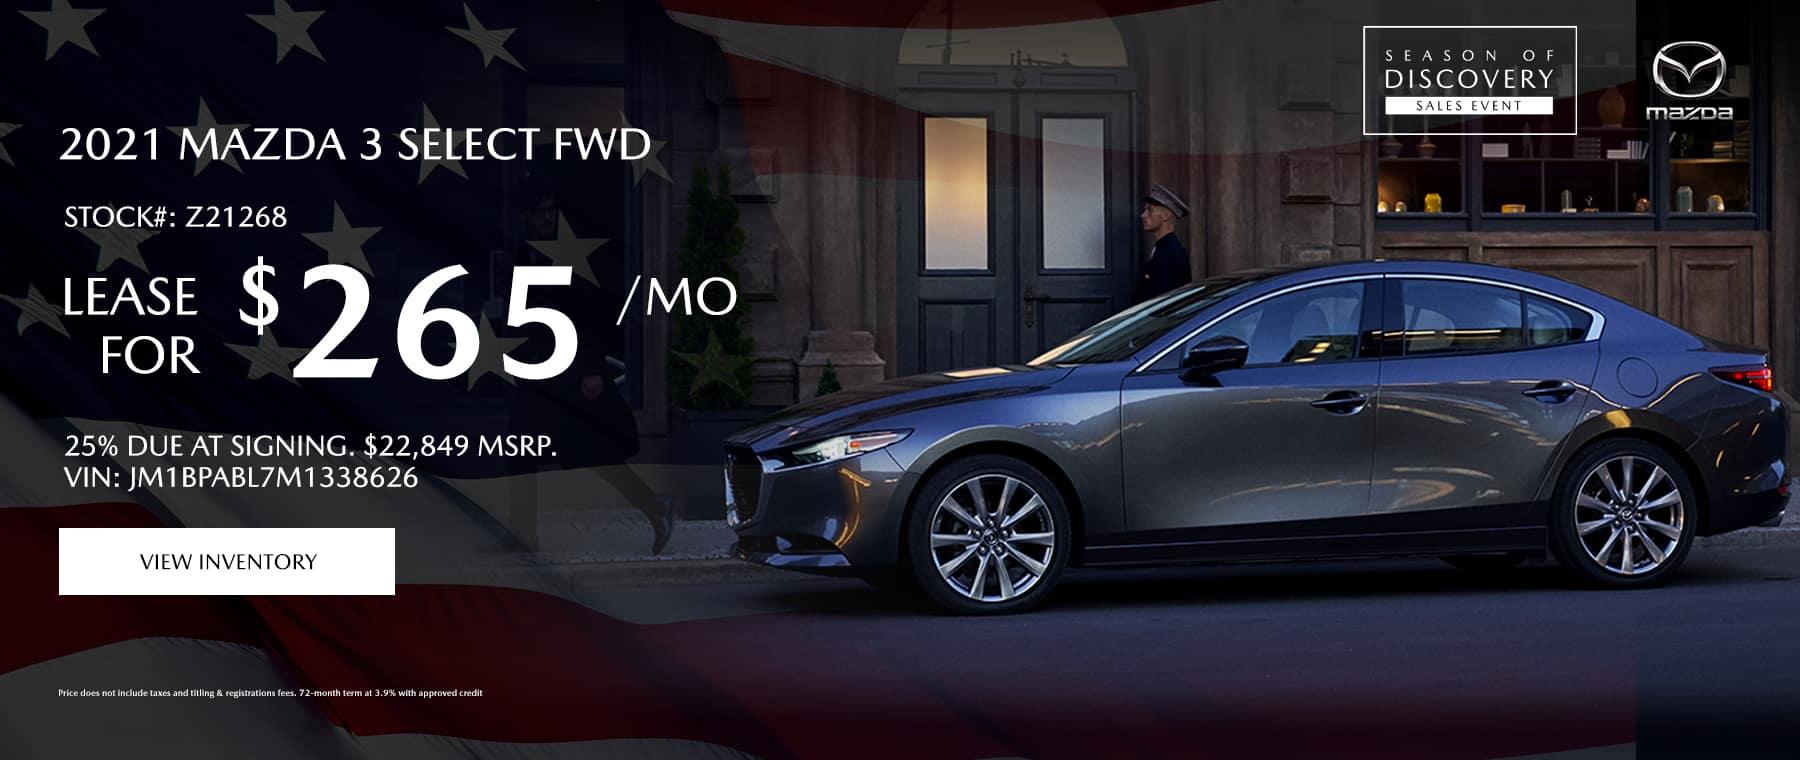 2021 Mazda 3 Select FWD Stock#: Z21268 $22,849MSRP $265/Month 25% Due at signing Vin: JM1BPABL7M1338626